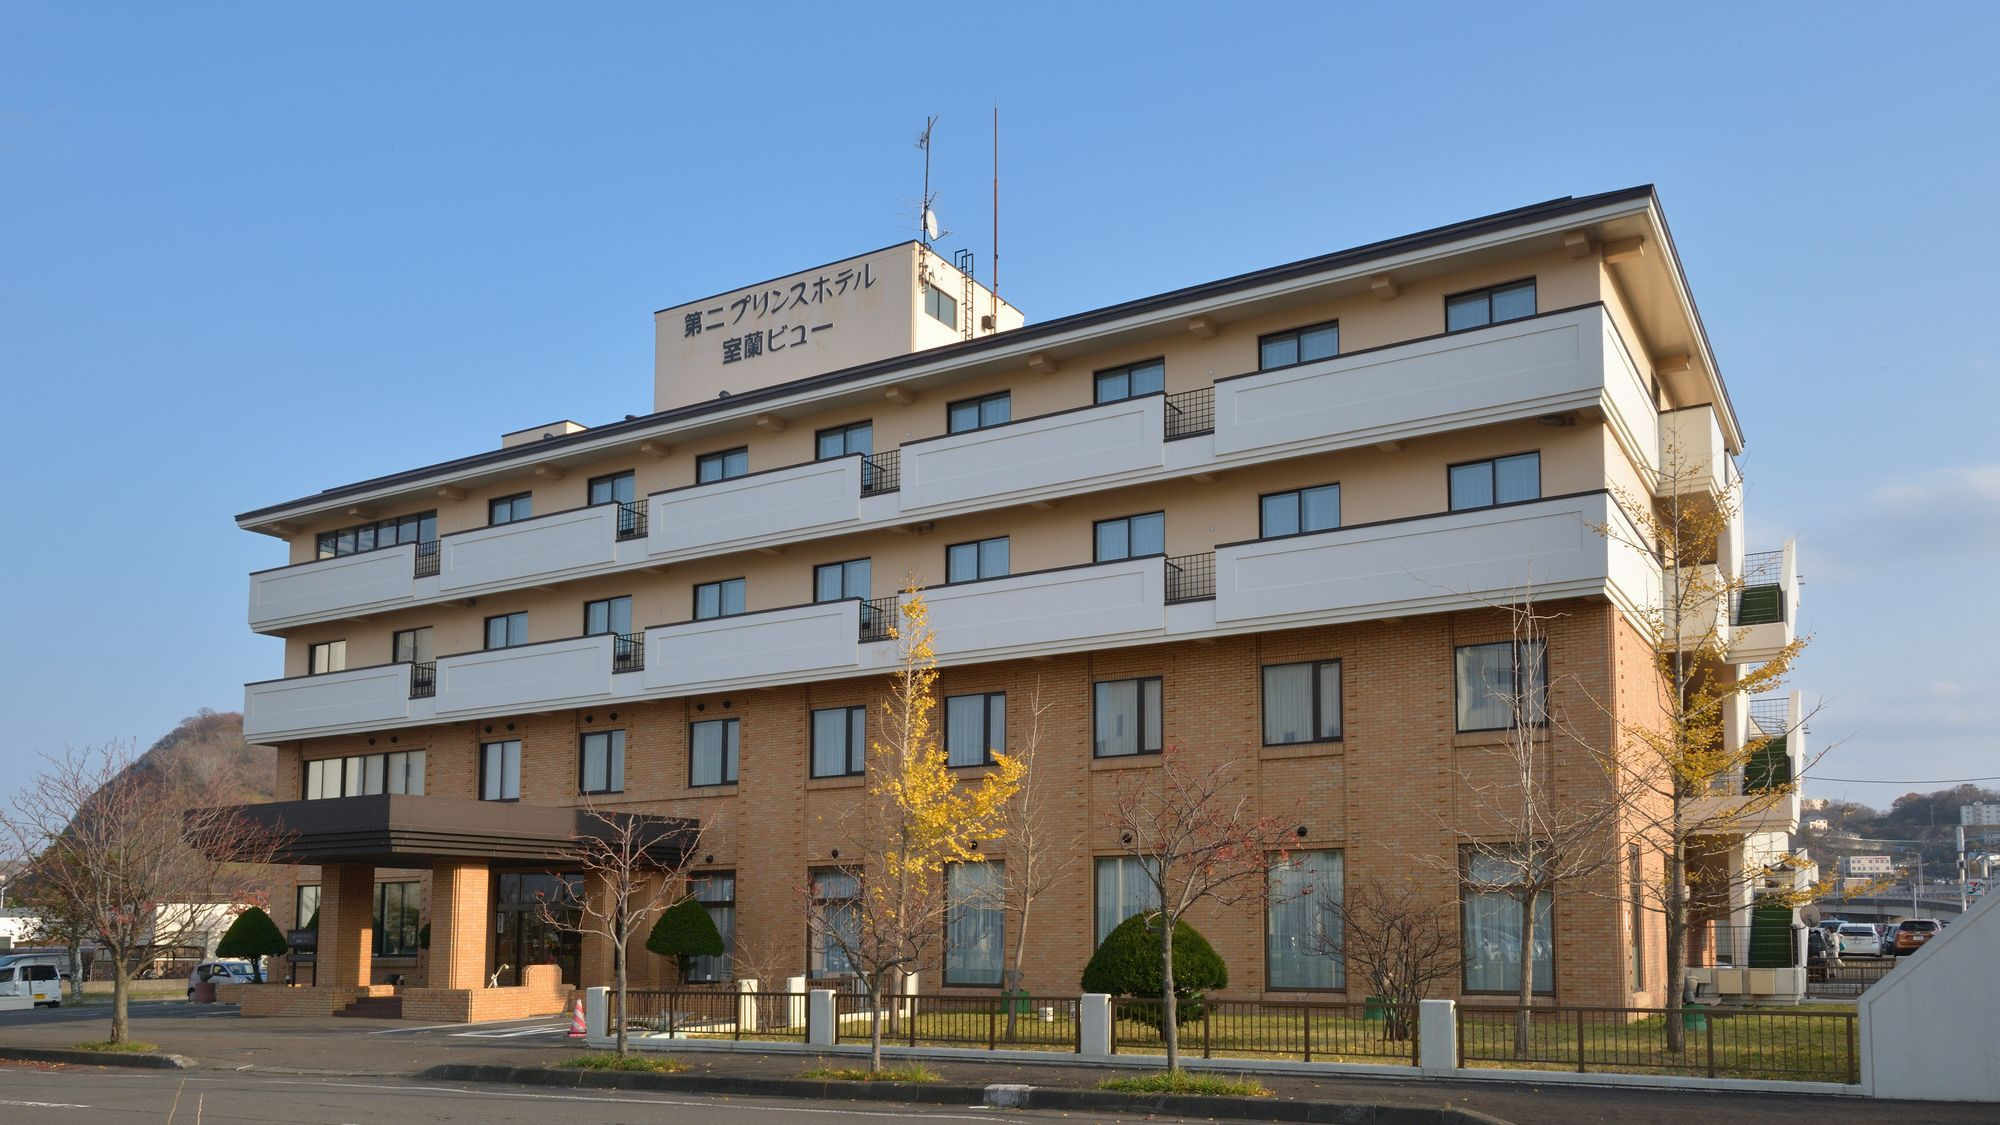 第二プリンスホテル 室蘭ビュー(旧 エスカル室蘭)